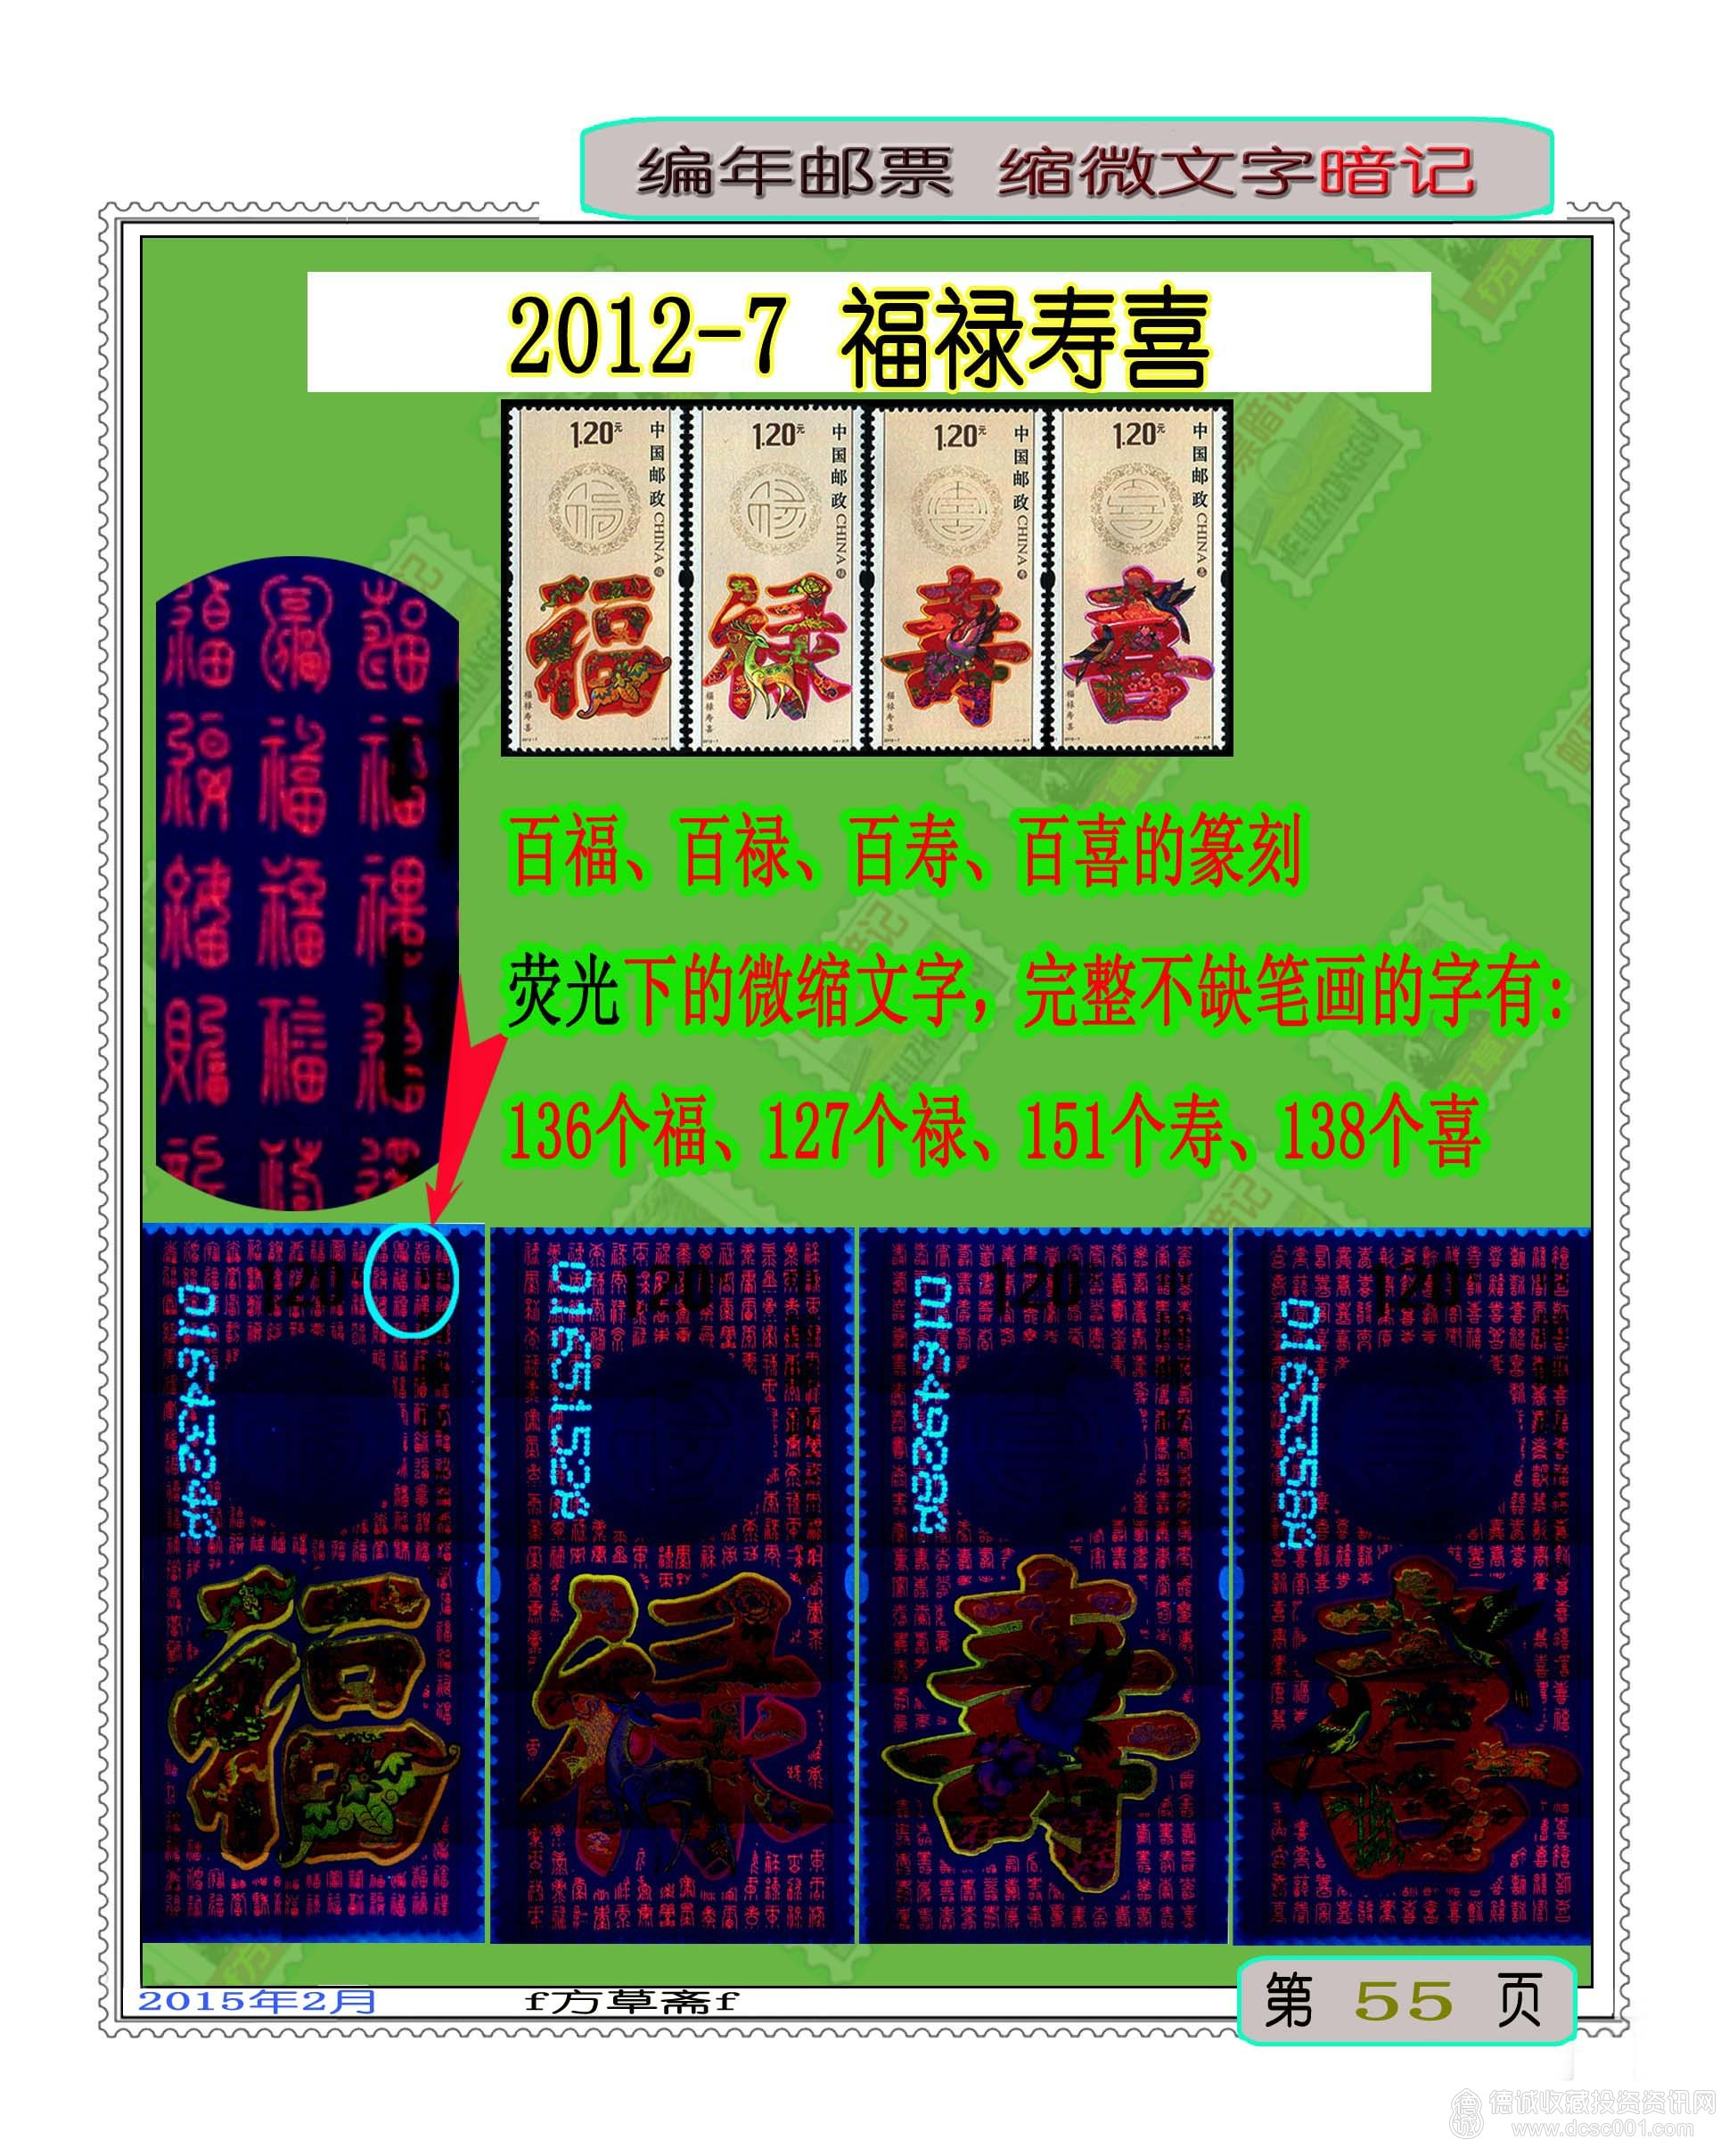 2012-7福禄寿喜-1.jpg